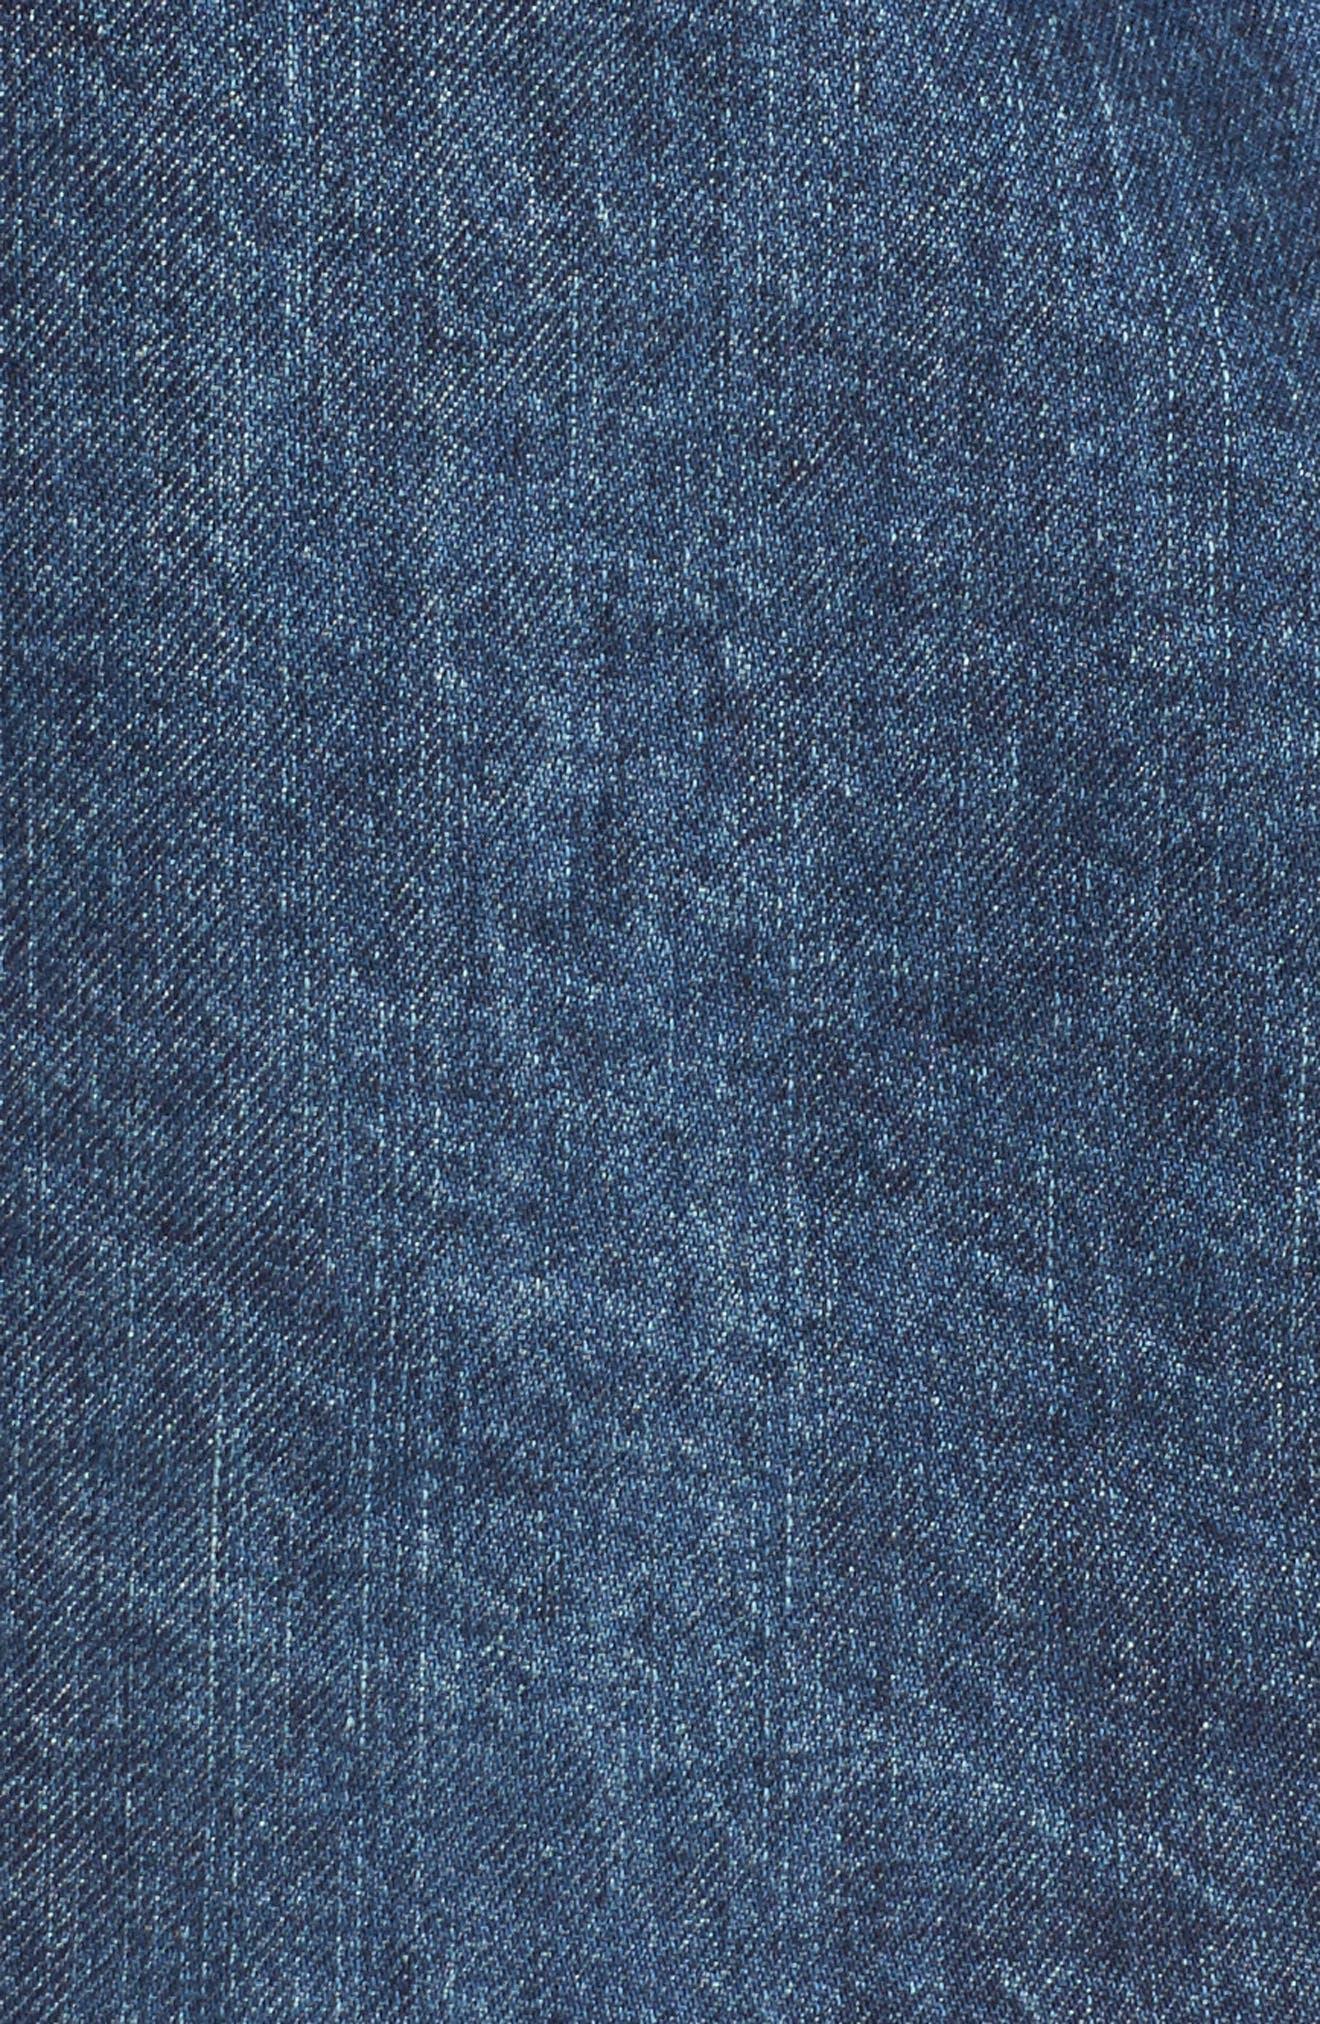 Erin Step Hem Denim Skirt,                             Alternate thumbnail 5, color,                             404